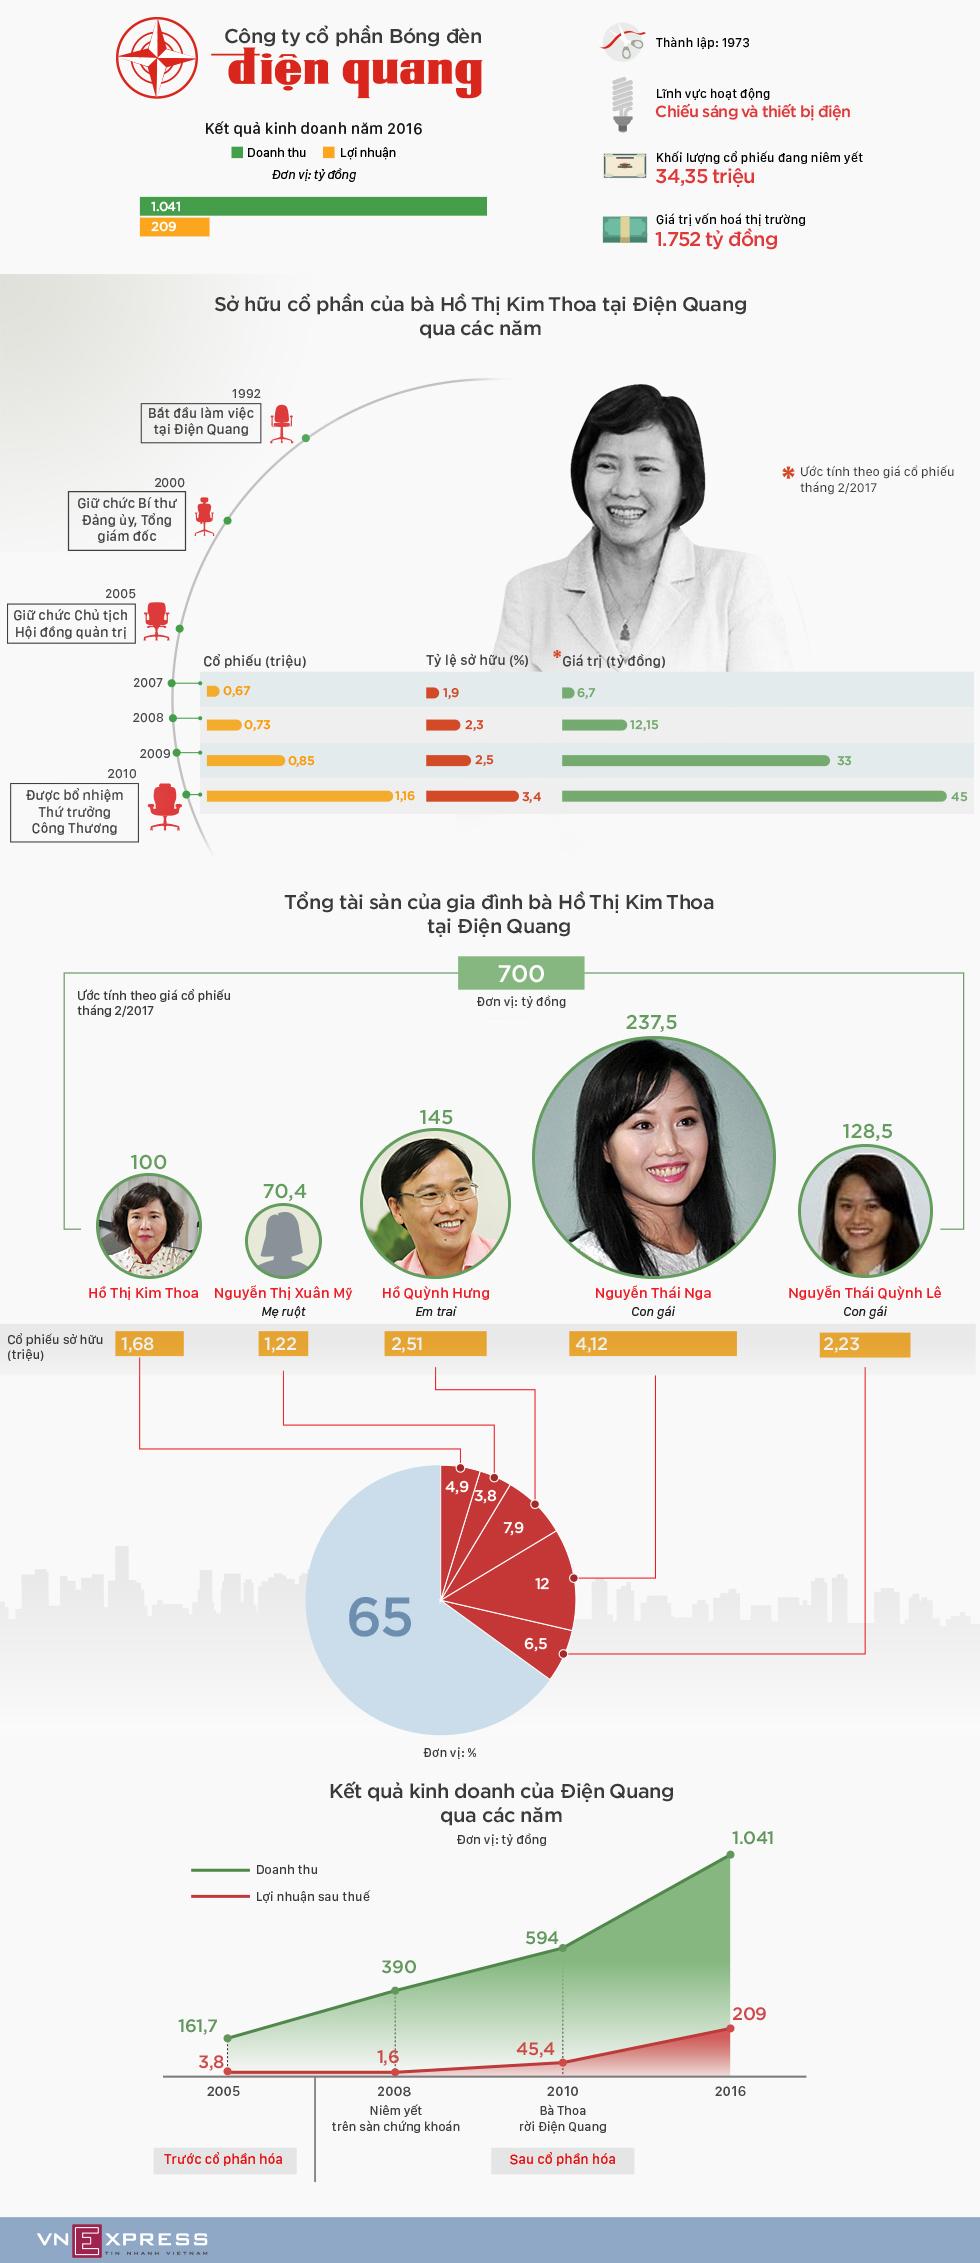 700 tỷ đồng cổ phần của gia đình Thứ trưởng Hồ Thị Kim Thoa tại Điện Quang